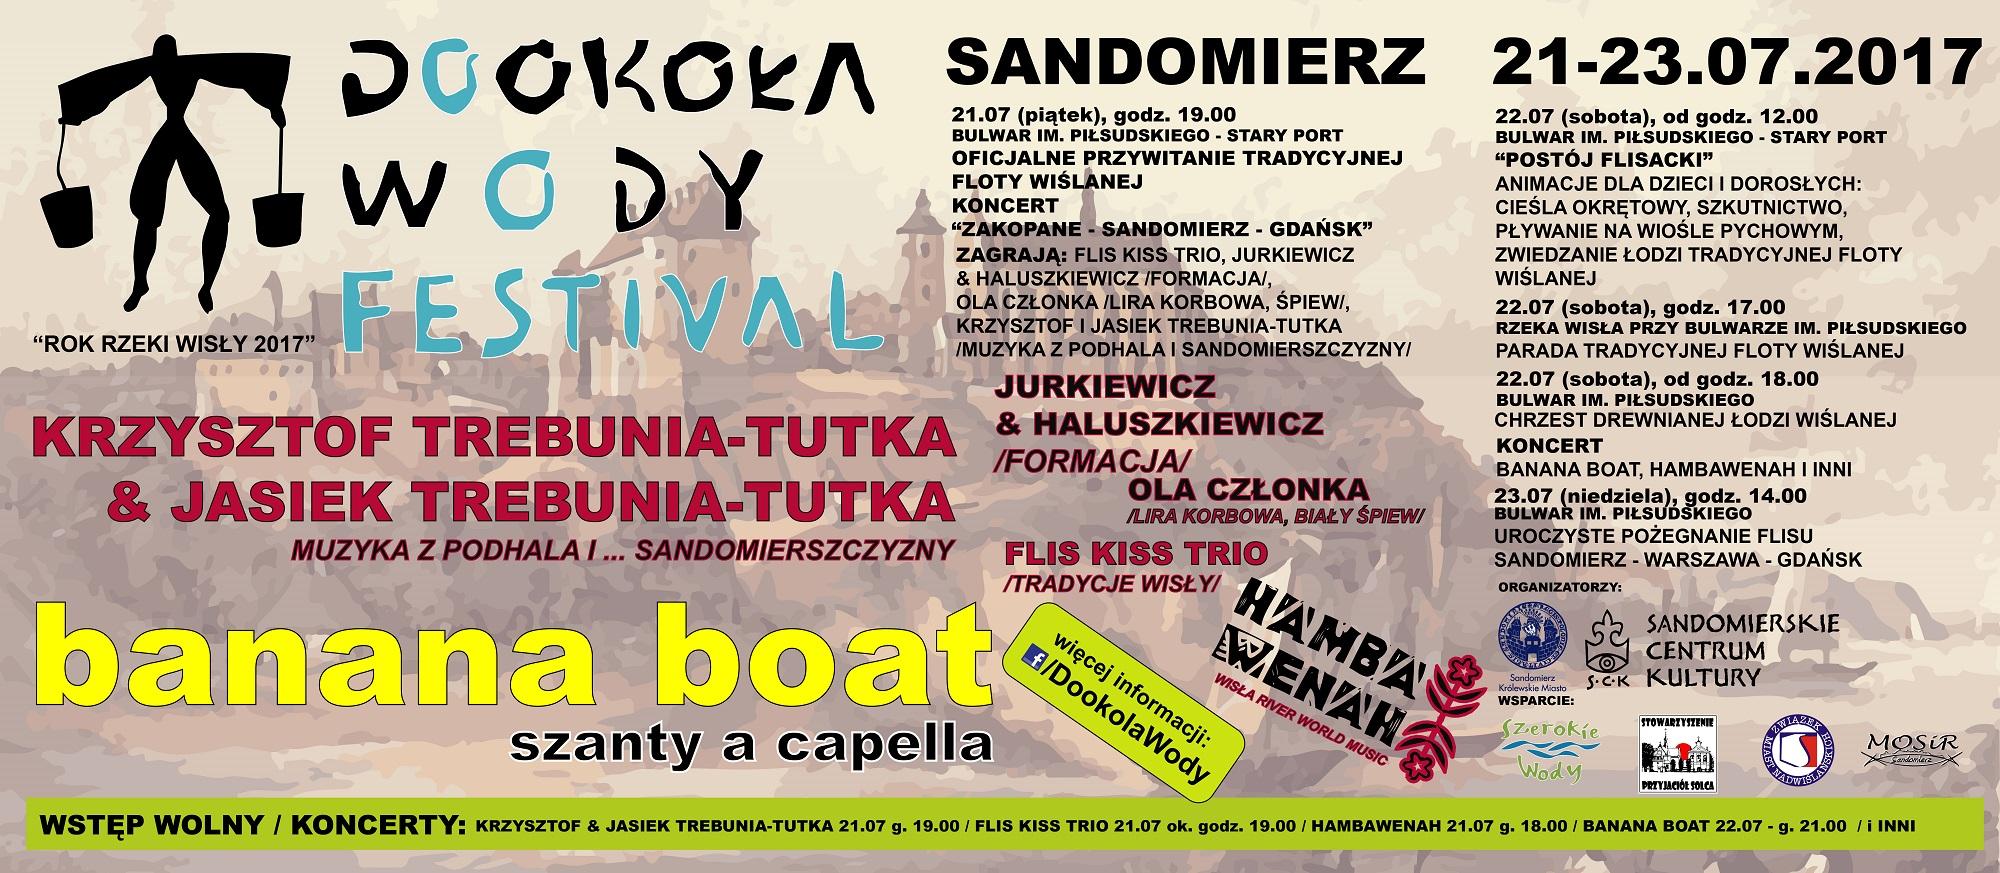 dookoła wody festival 20177